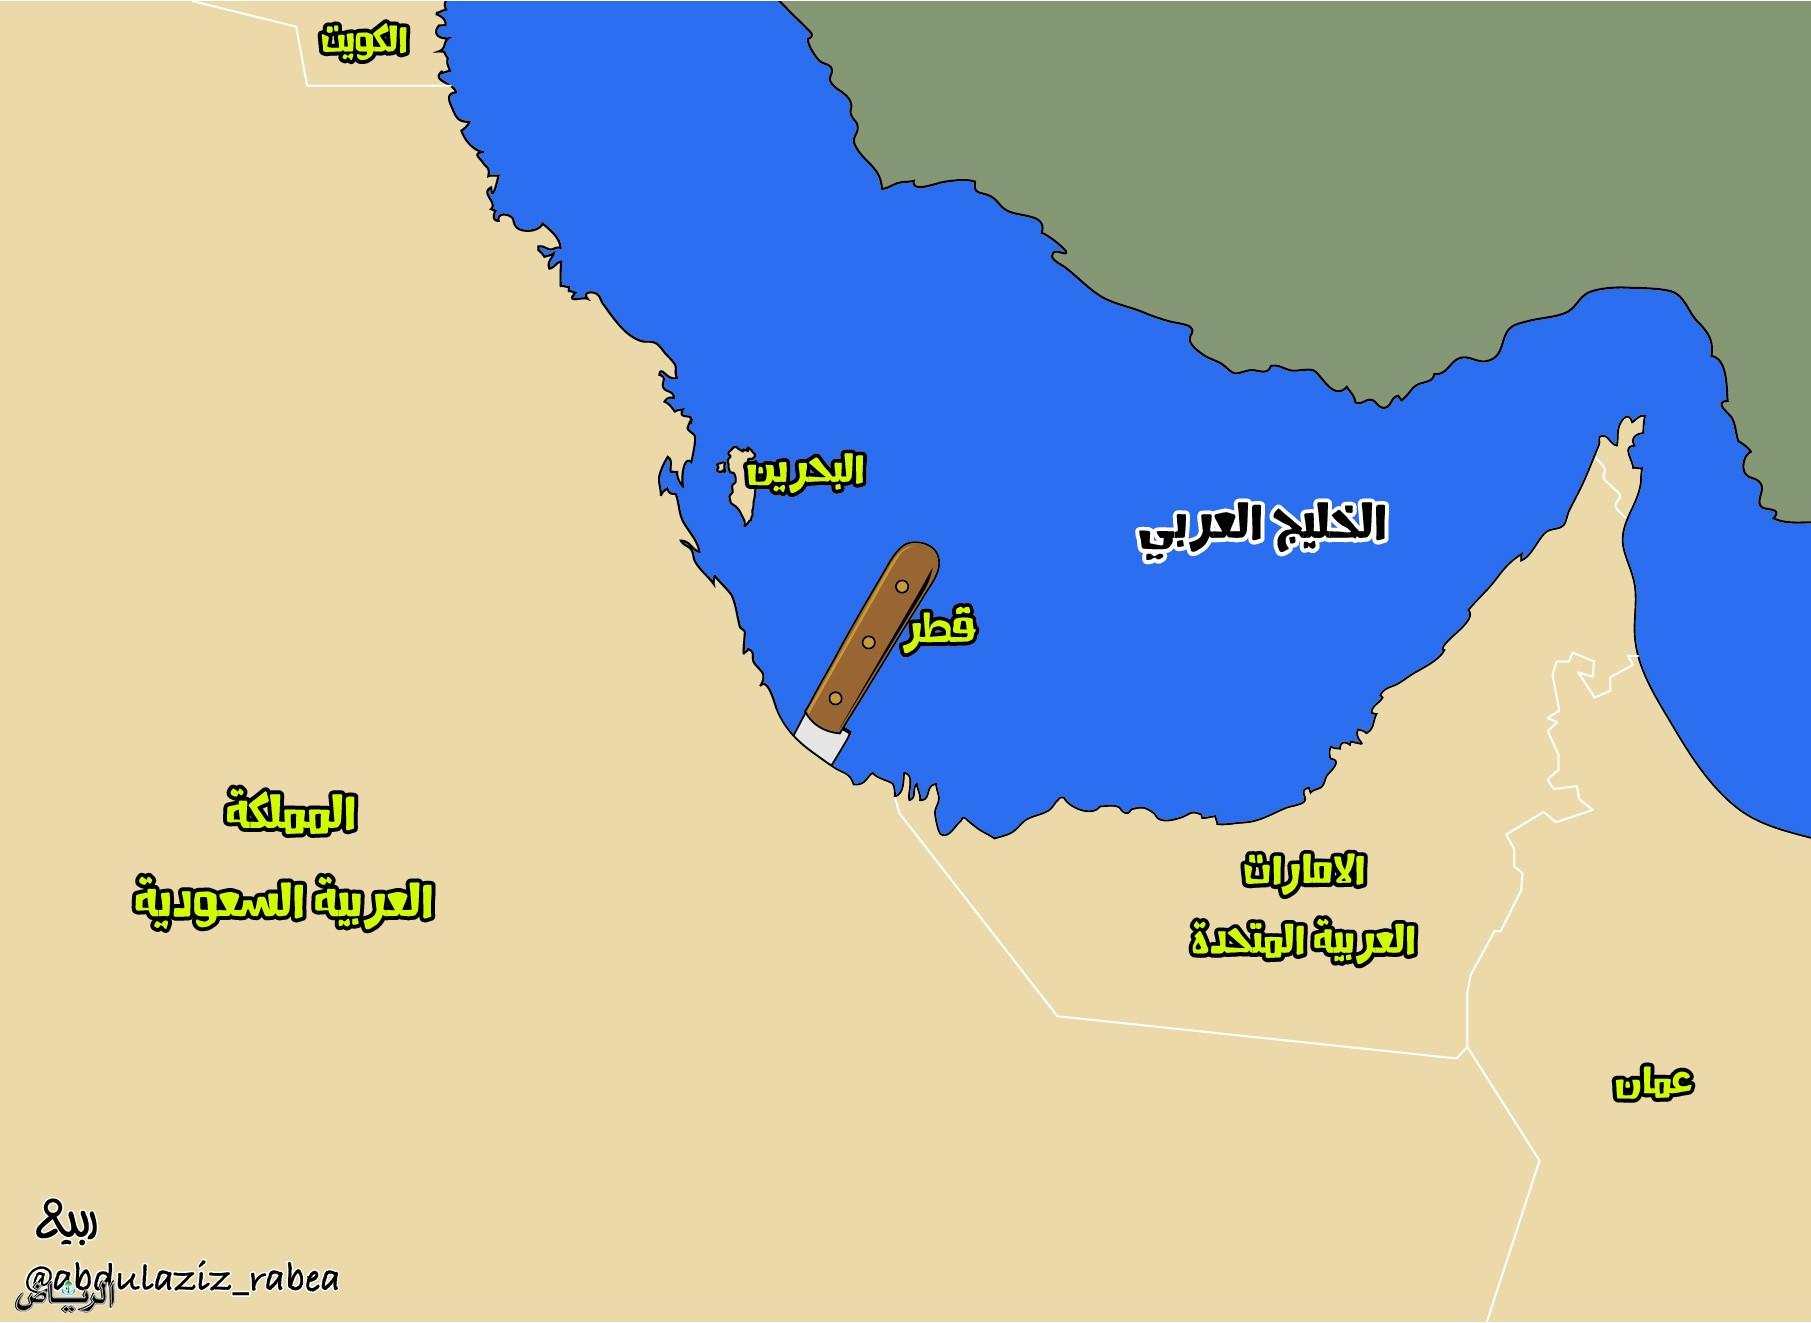 قطر خنجر فى ظهر الخليج العربى